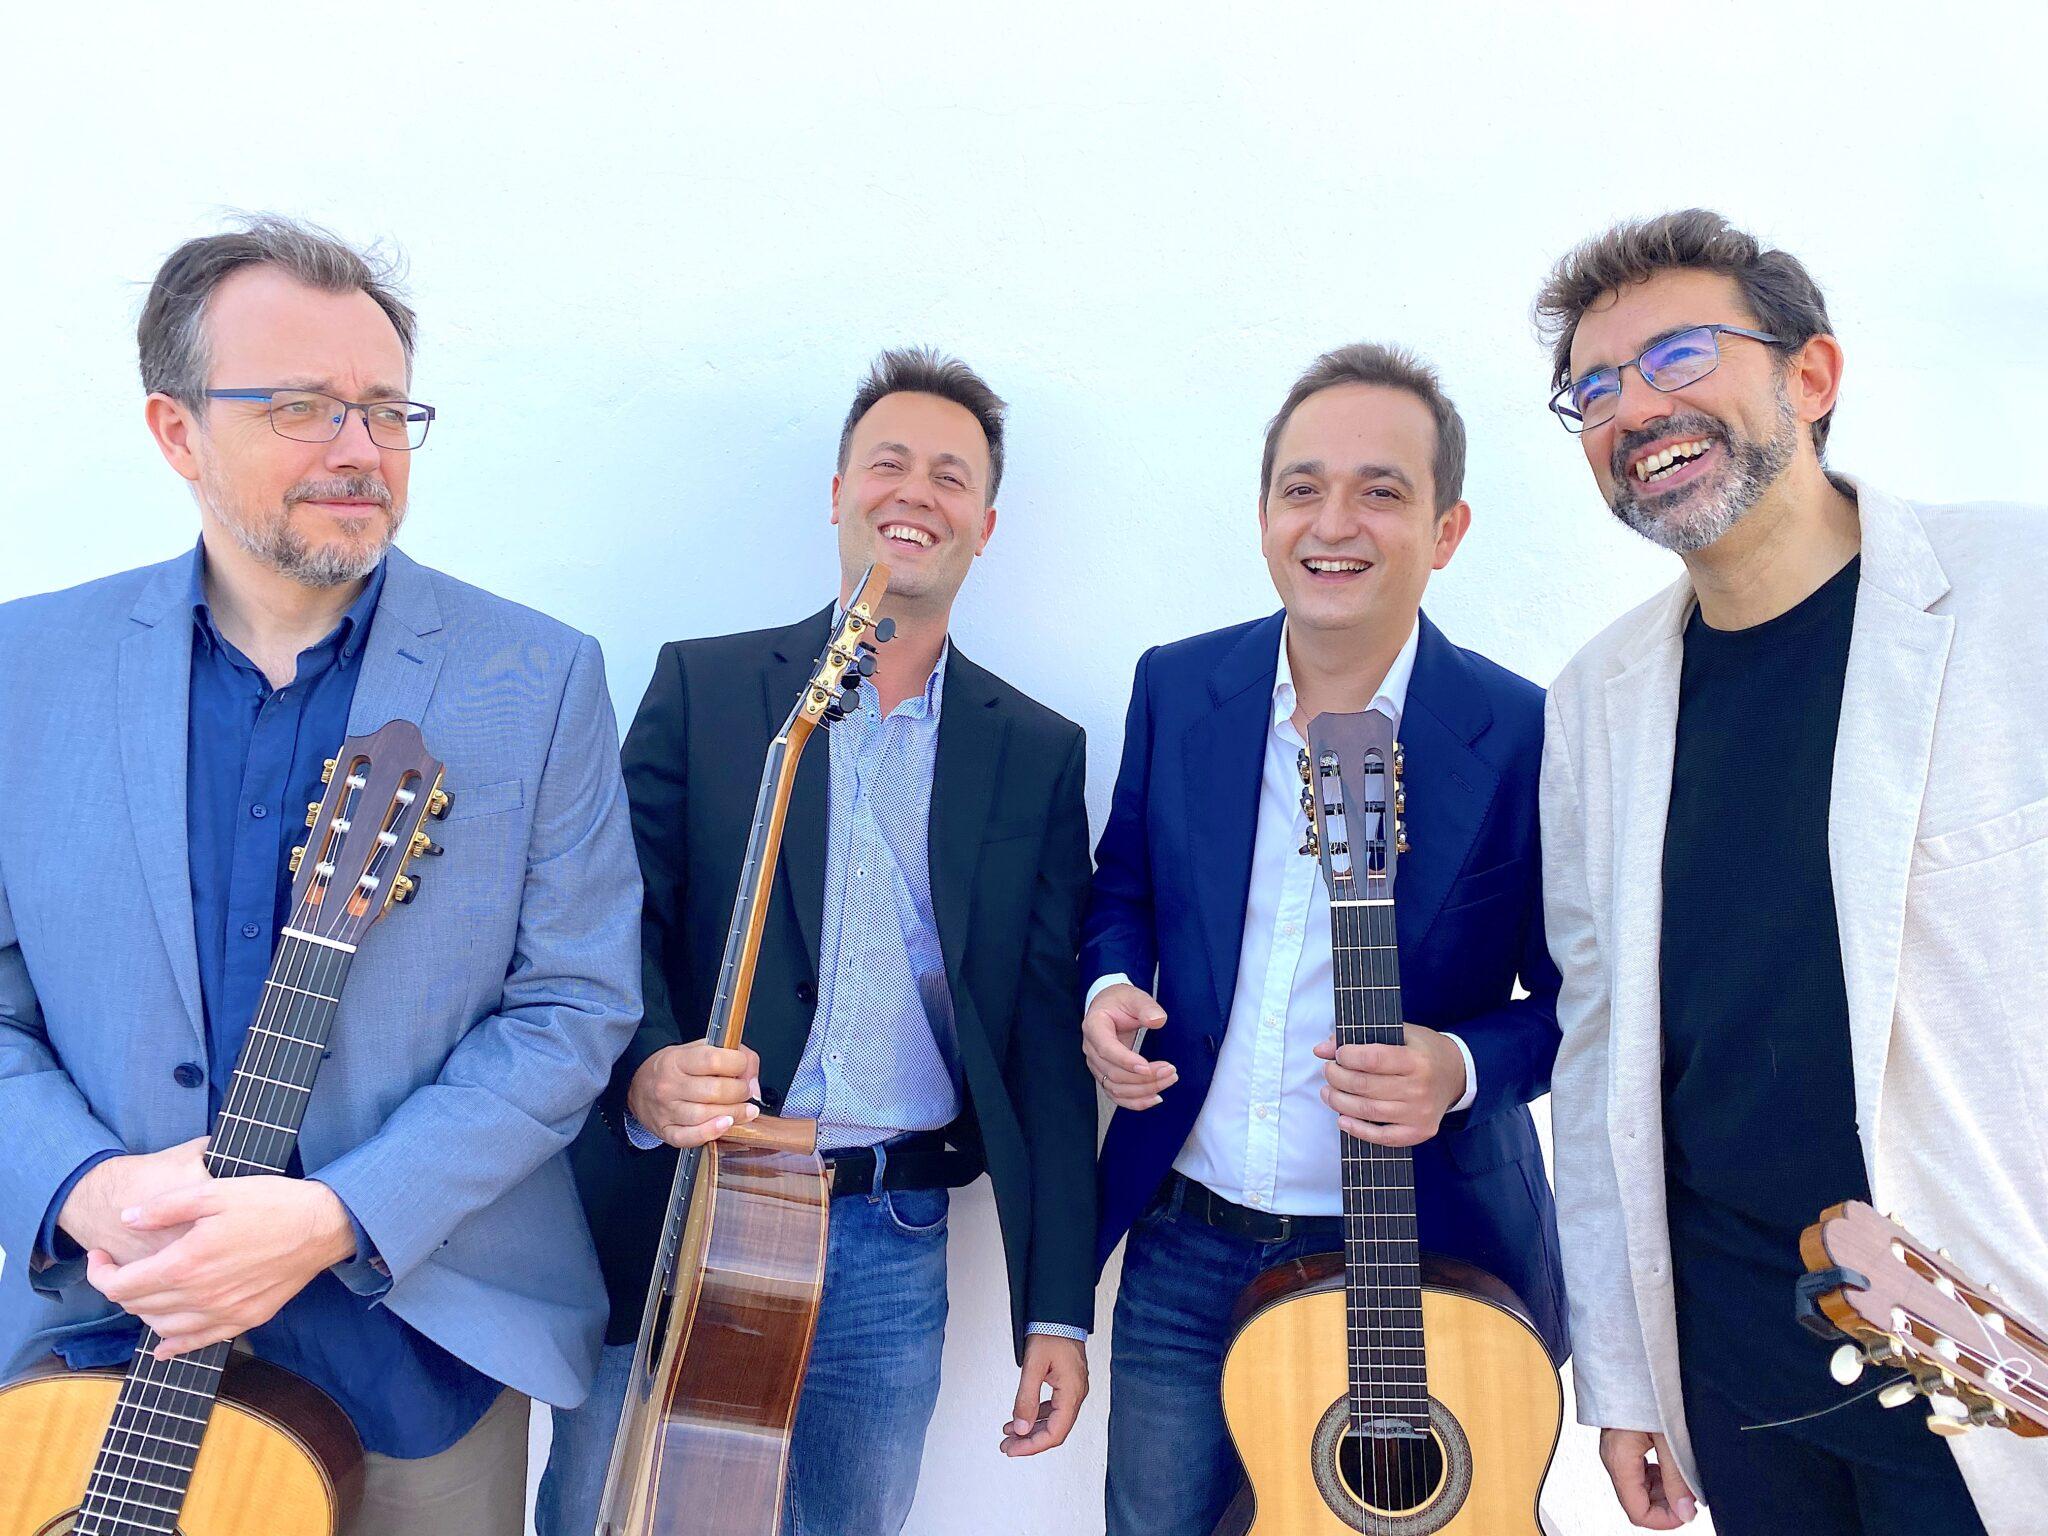 Cuarteto Guitarras Andalucia scaled 1